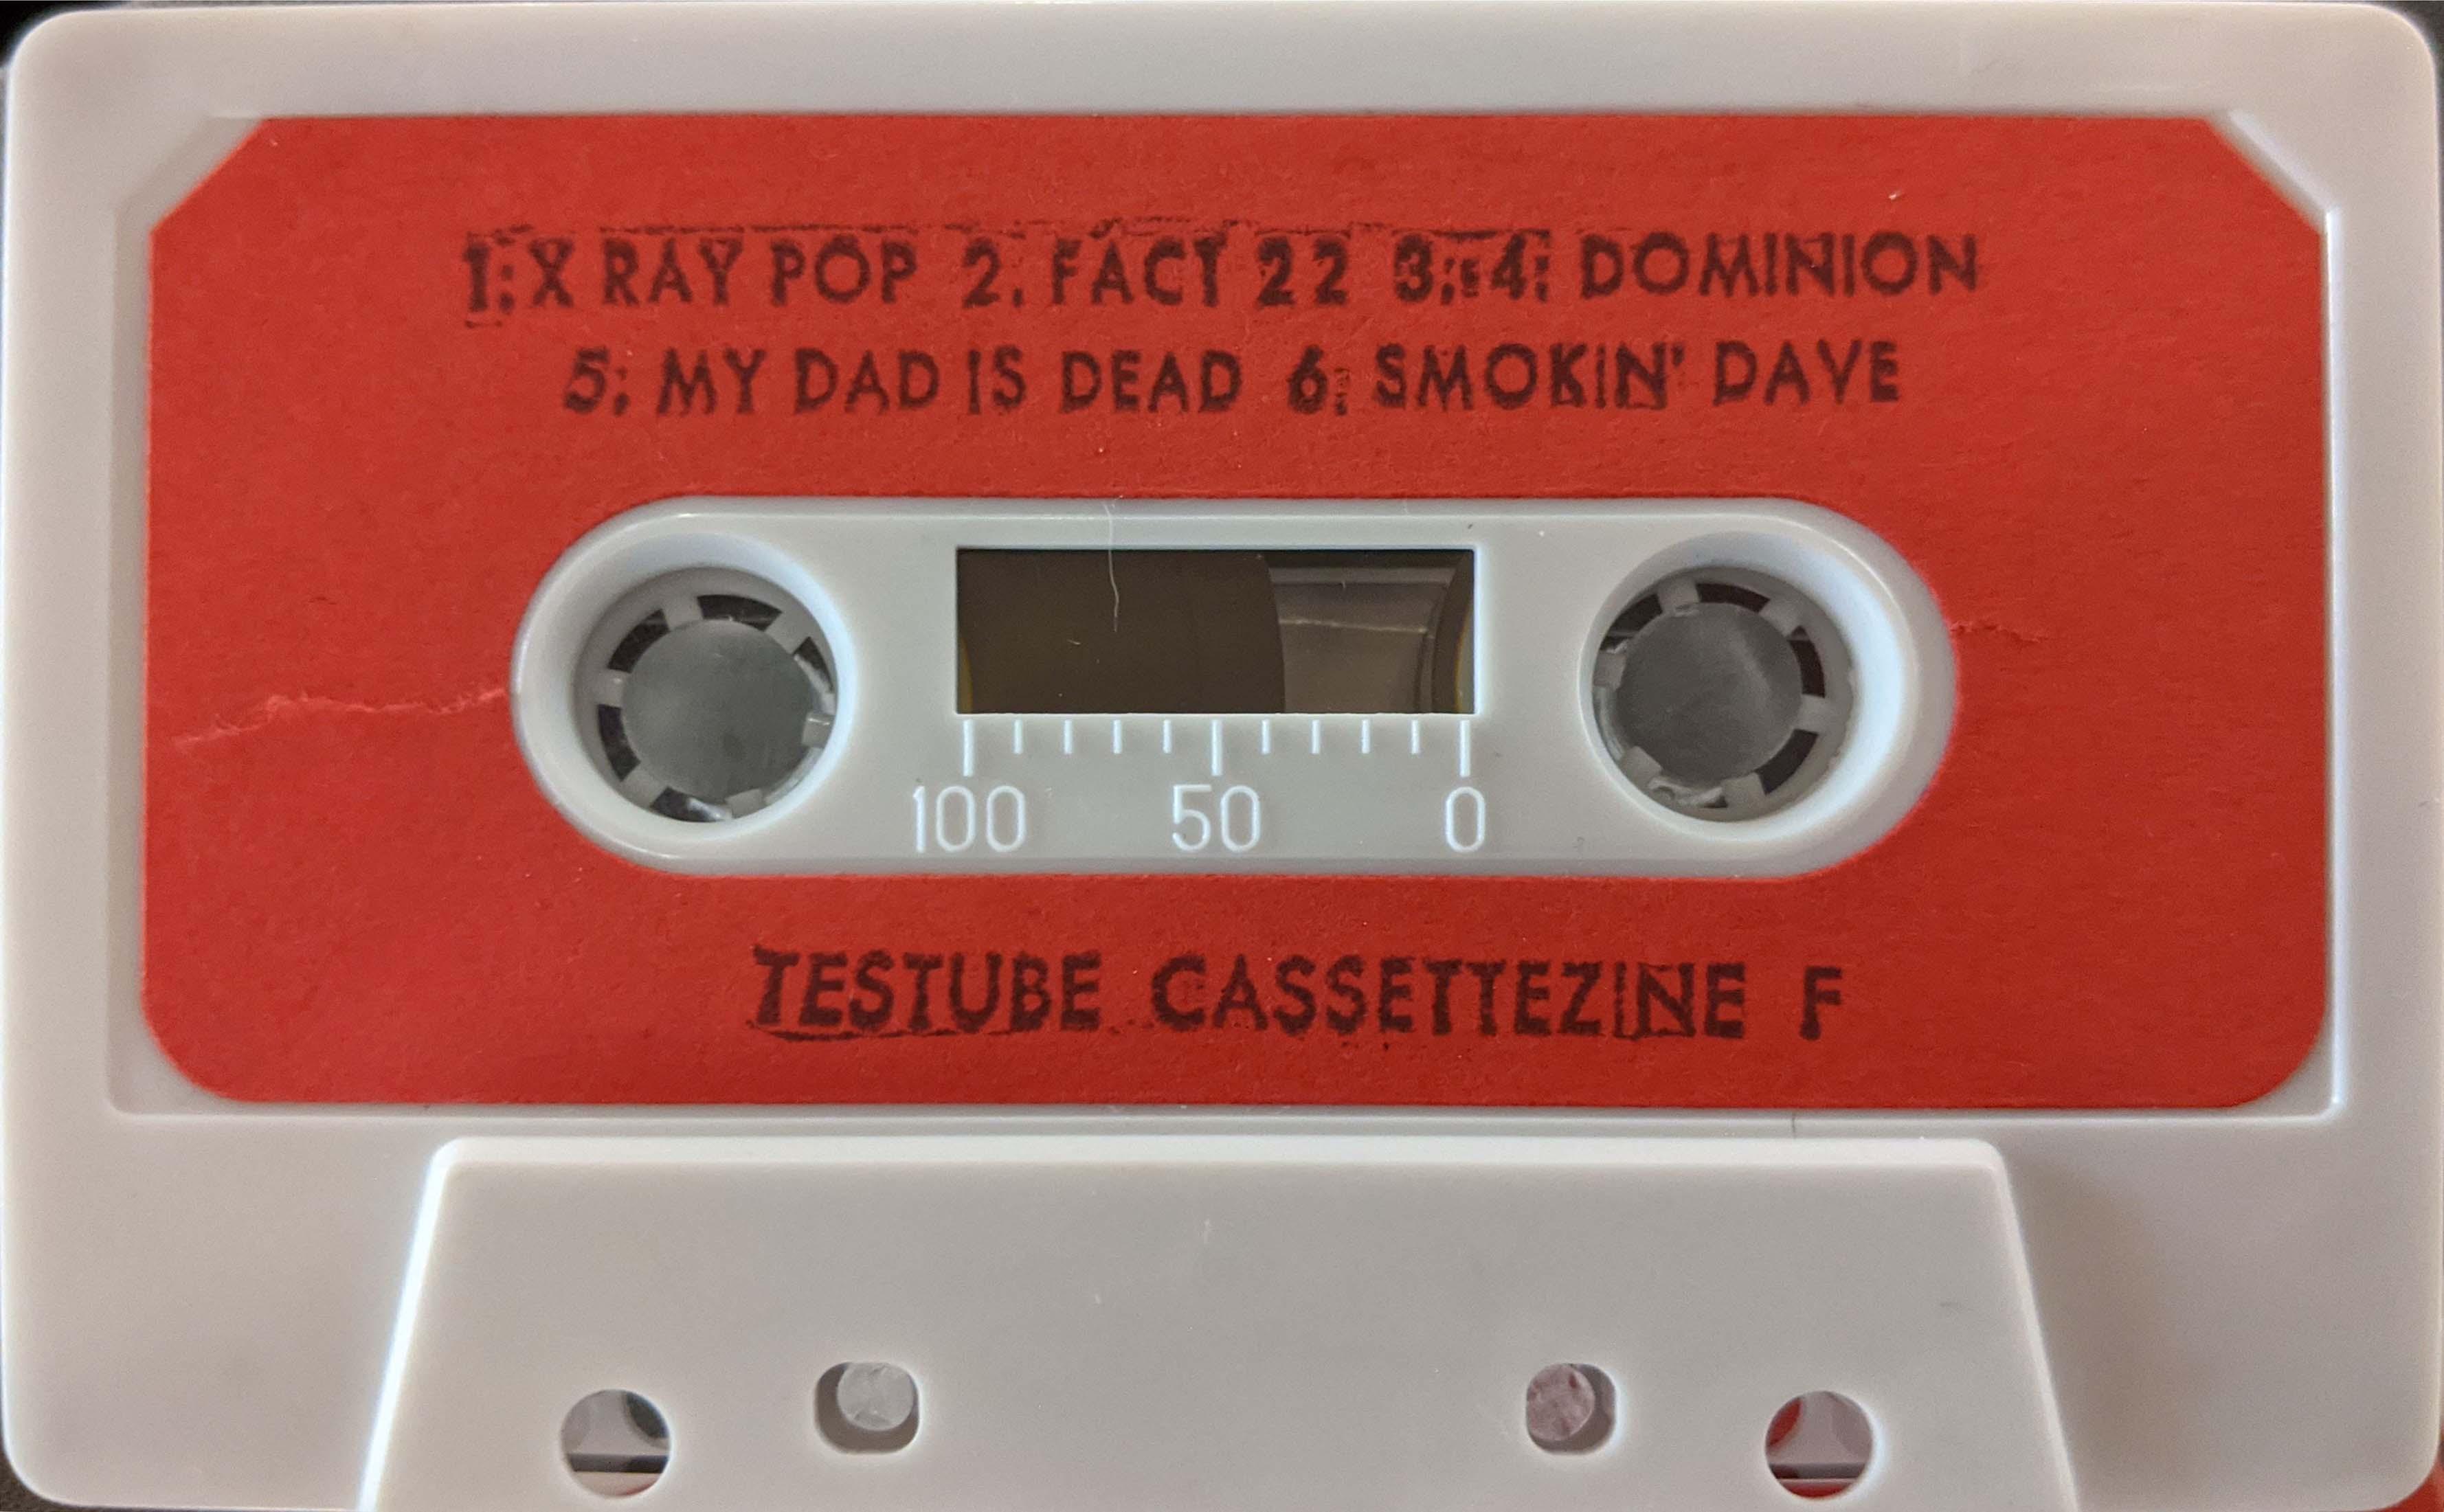 testube cassettezine F